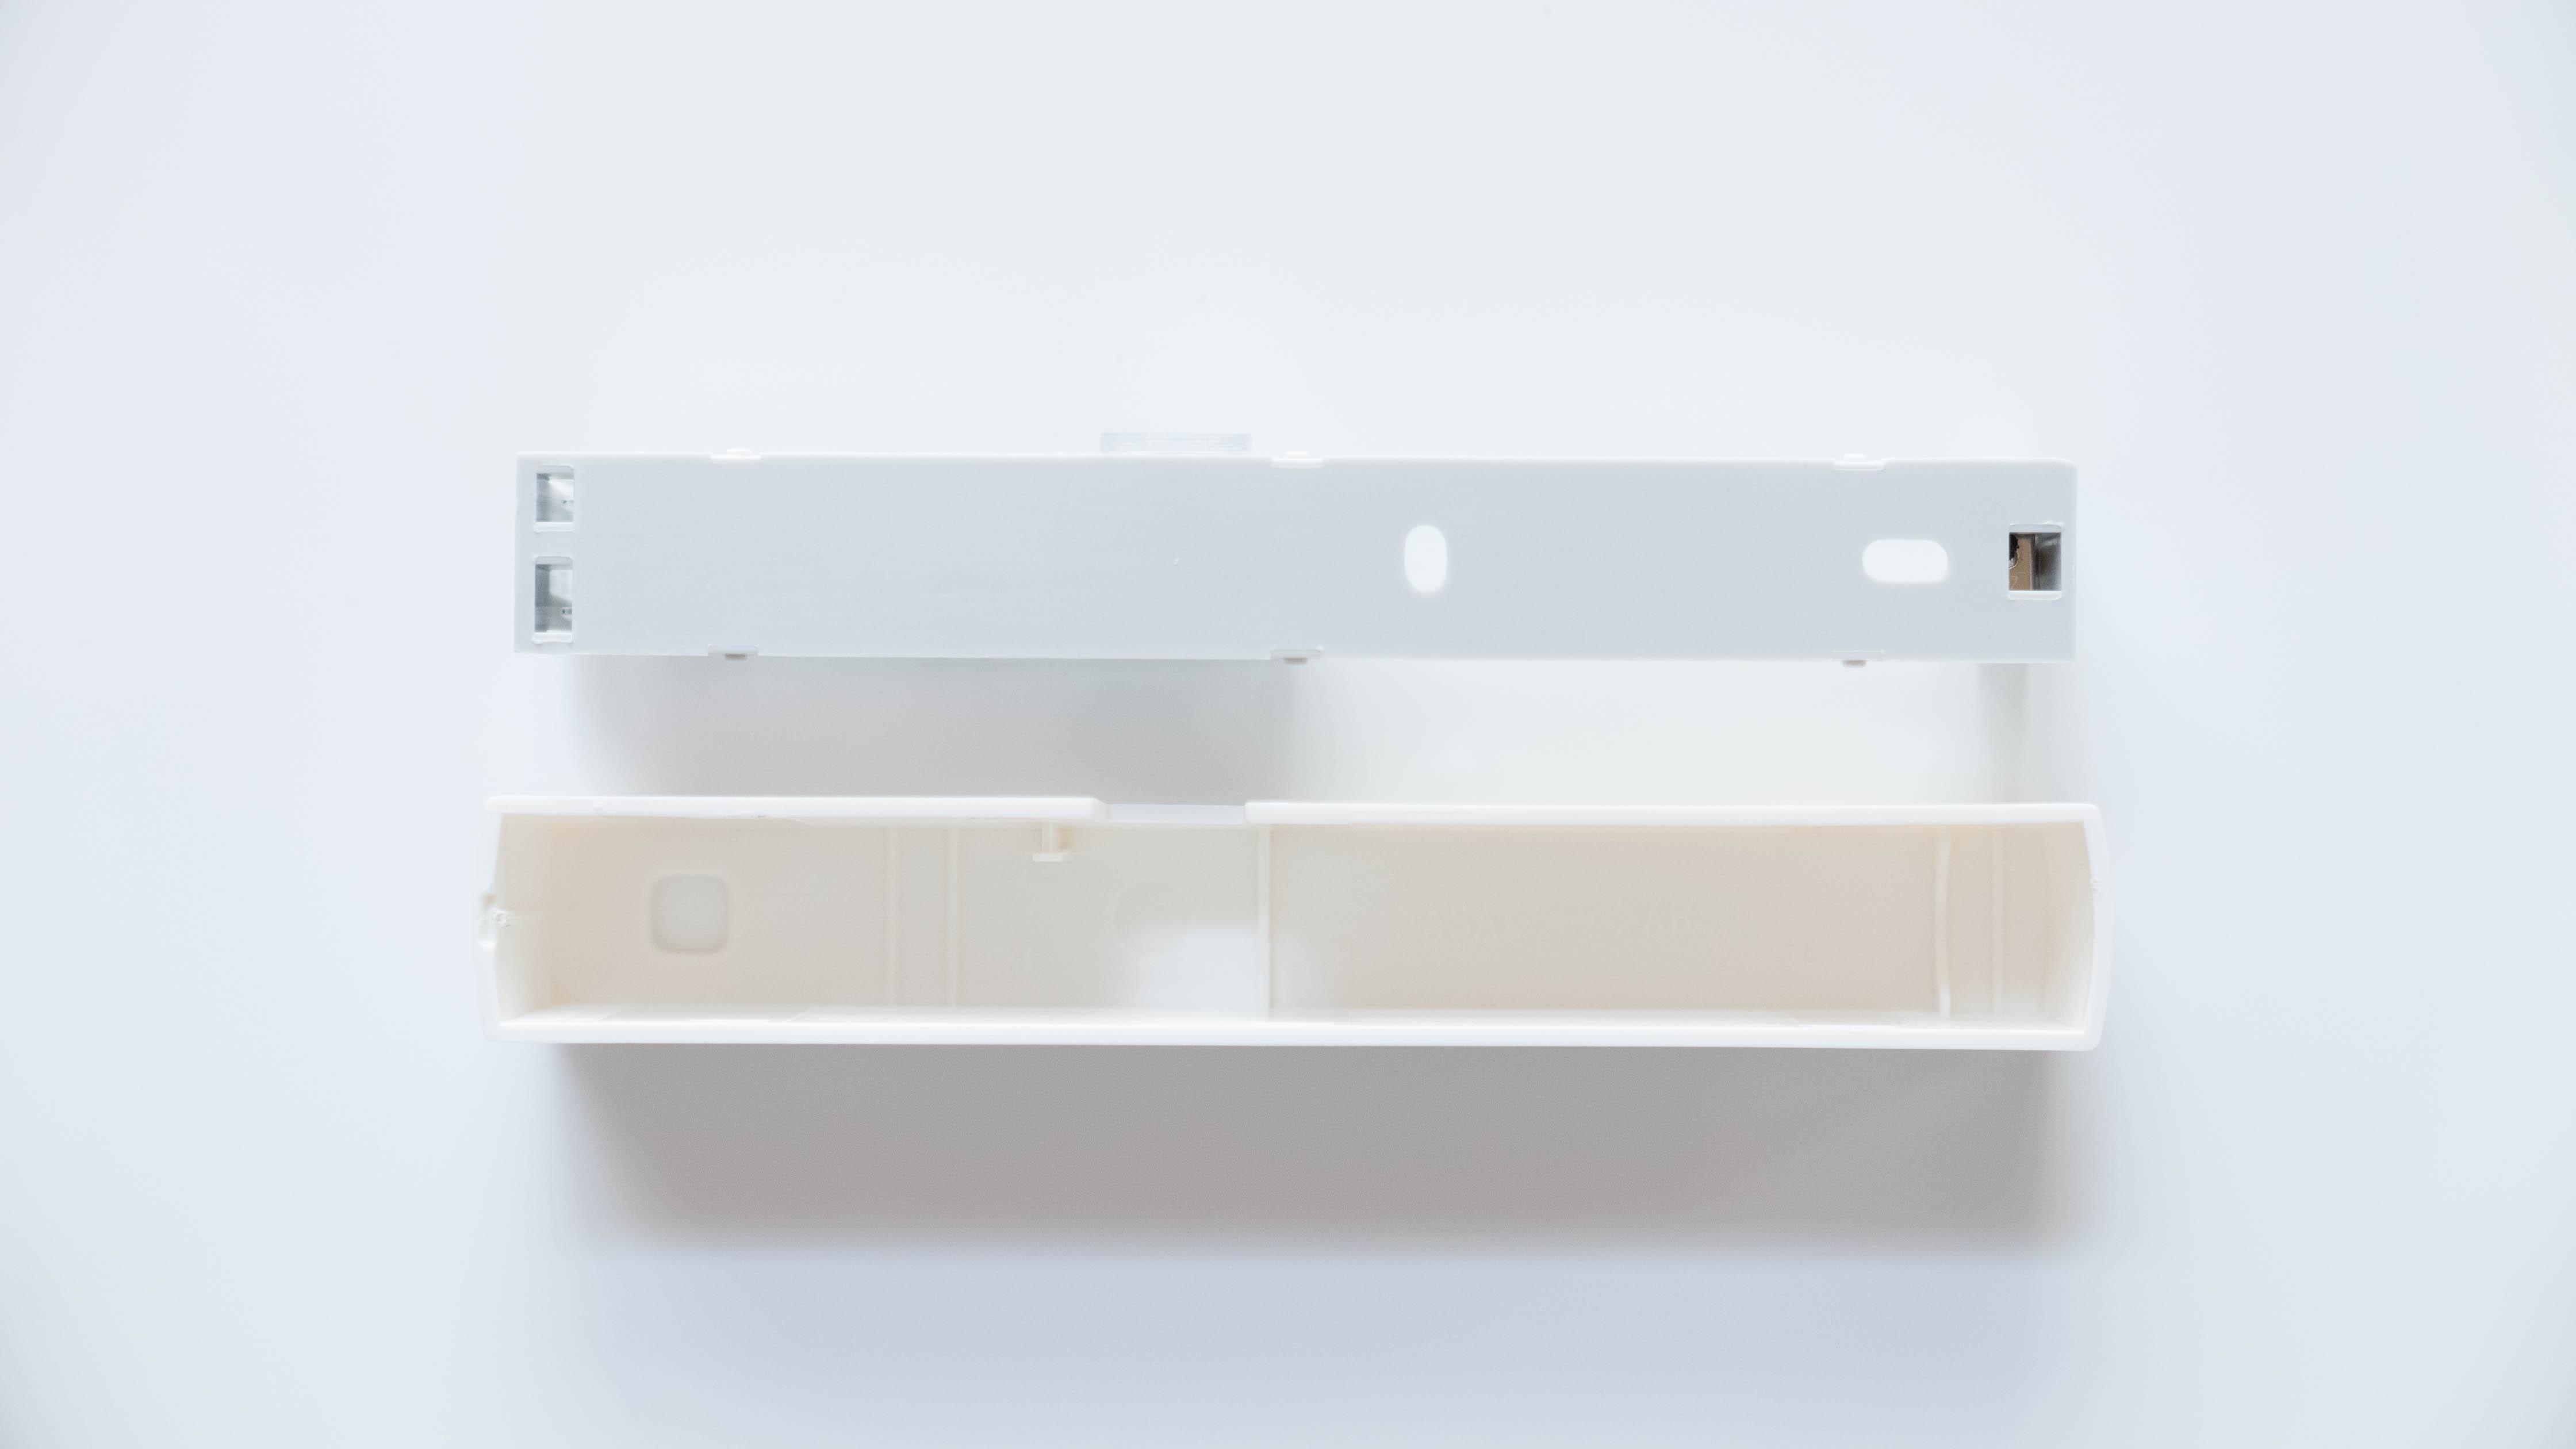 Homematic-IP-Tür-und-Fensterkontakt-zerlegt-hinten